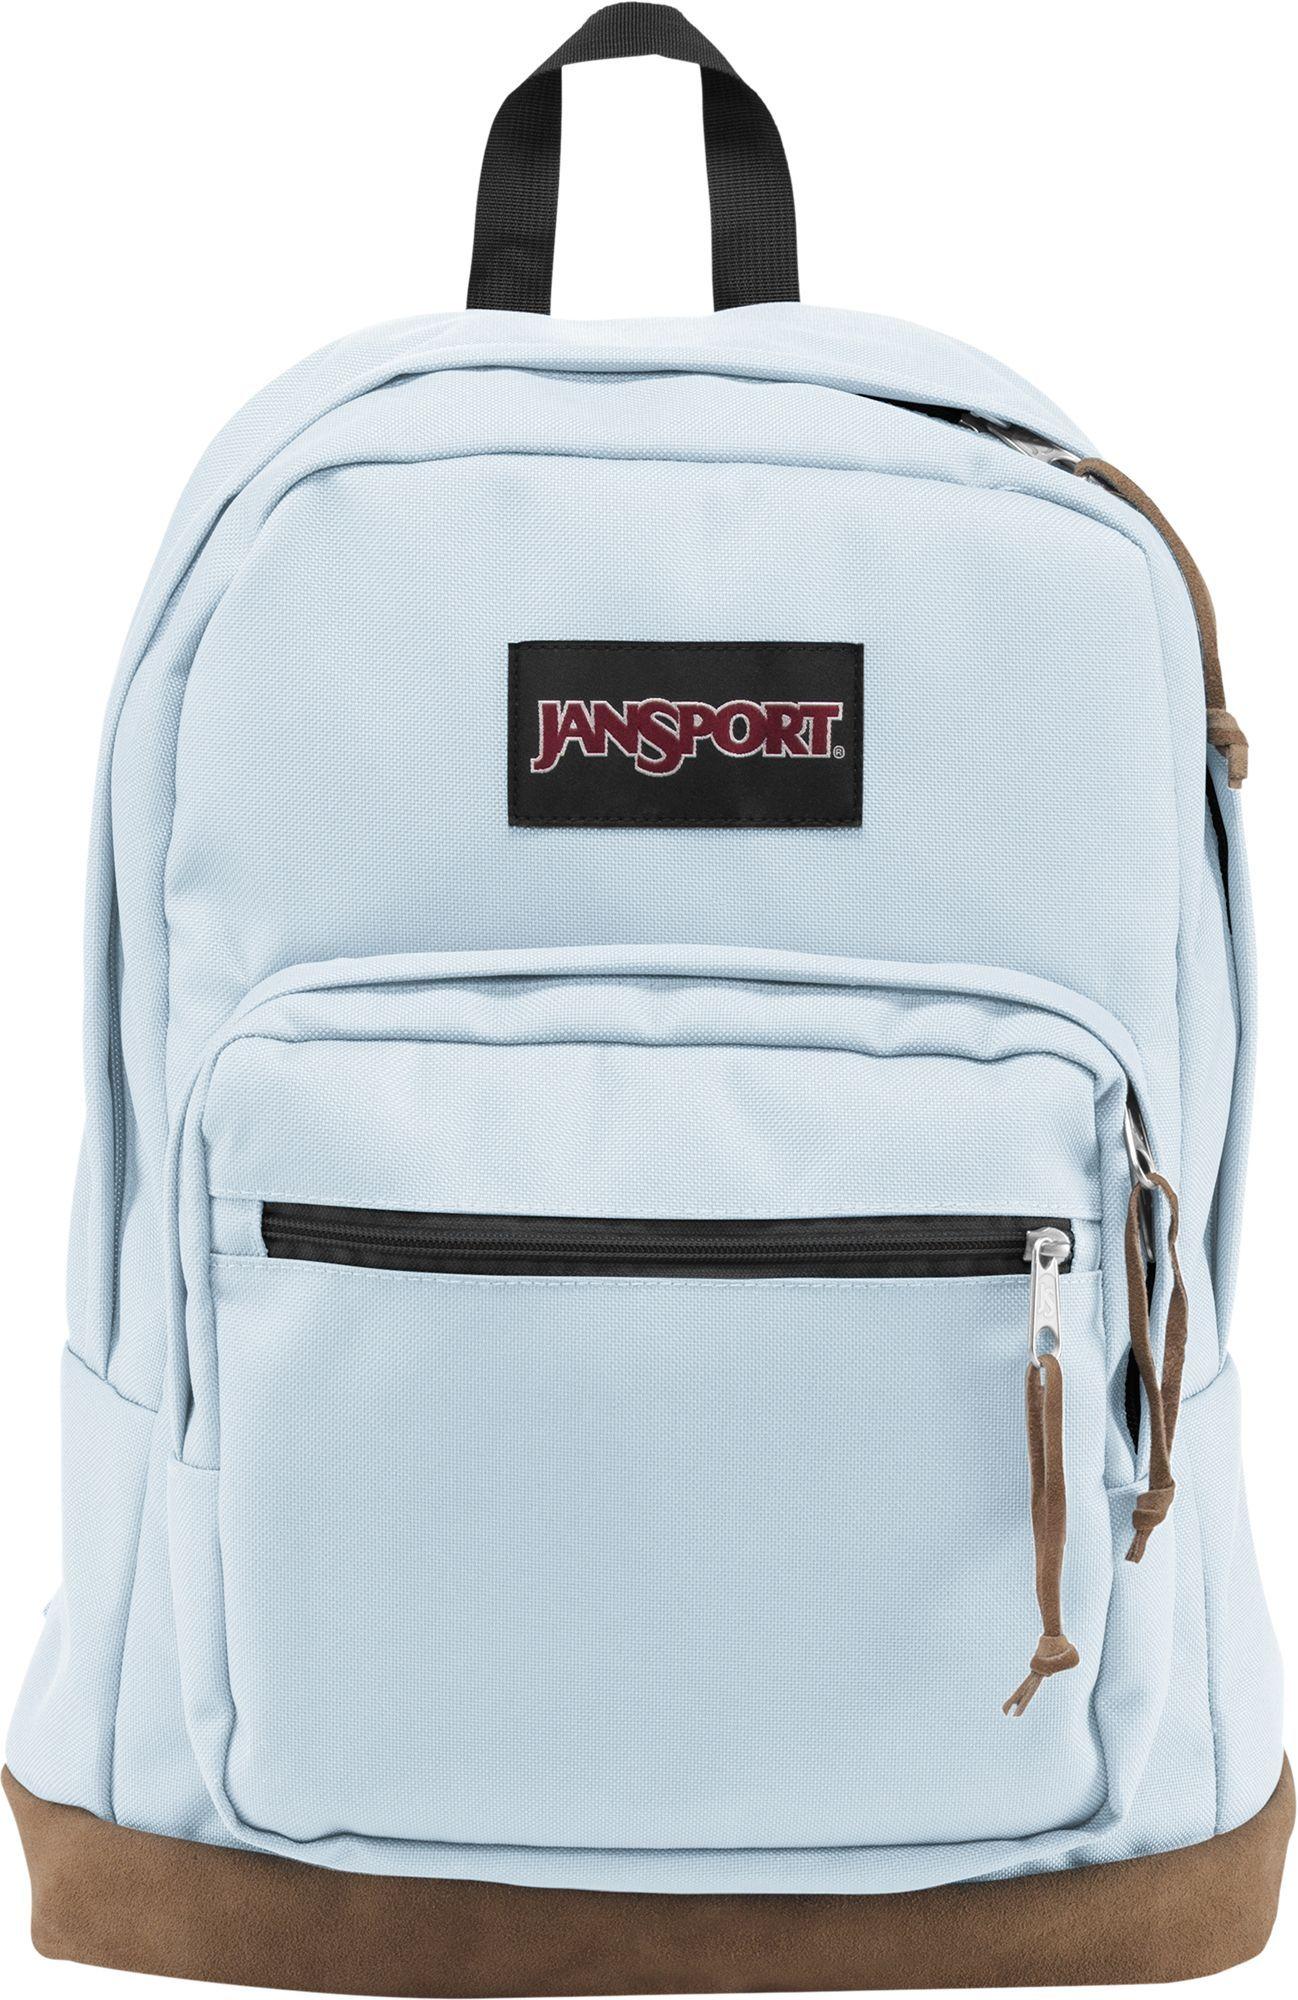 Jansport backpack size chart backpacks  also rh pinterest